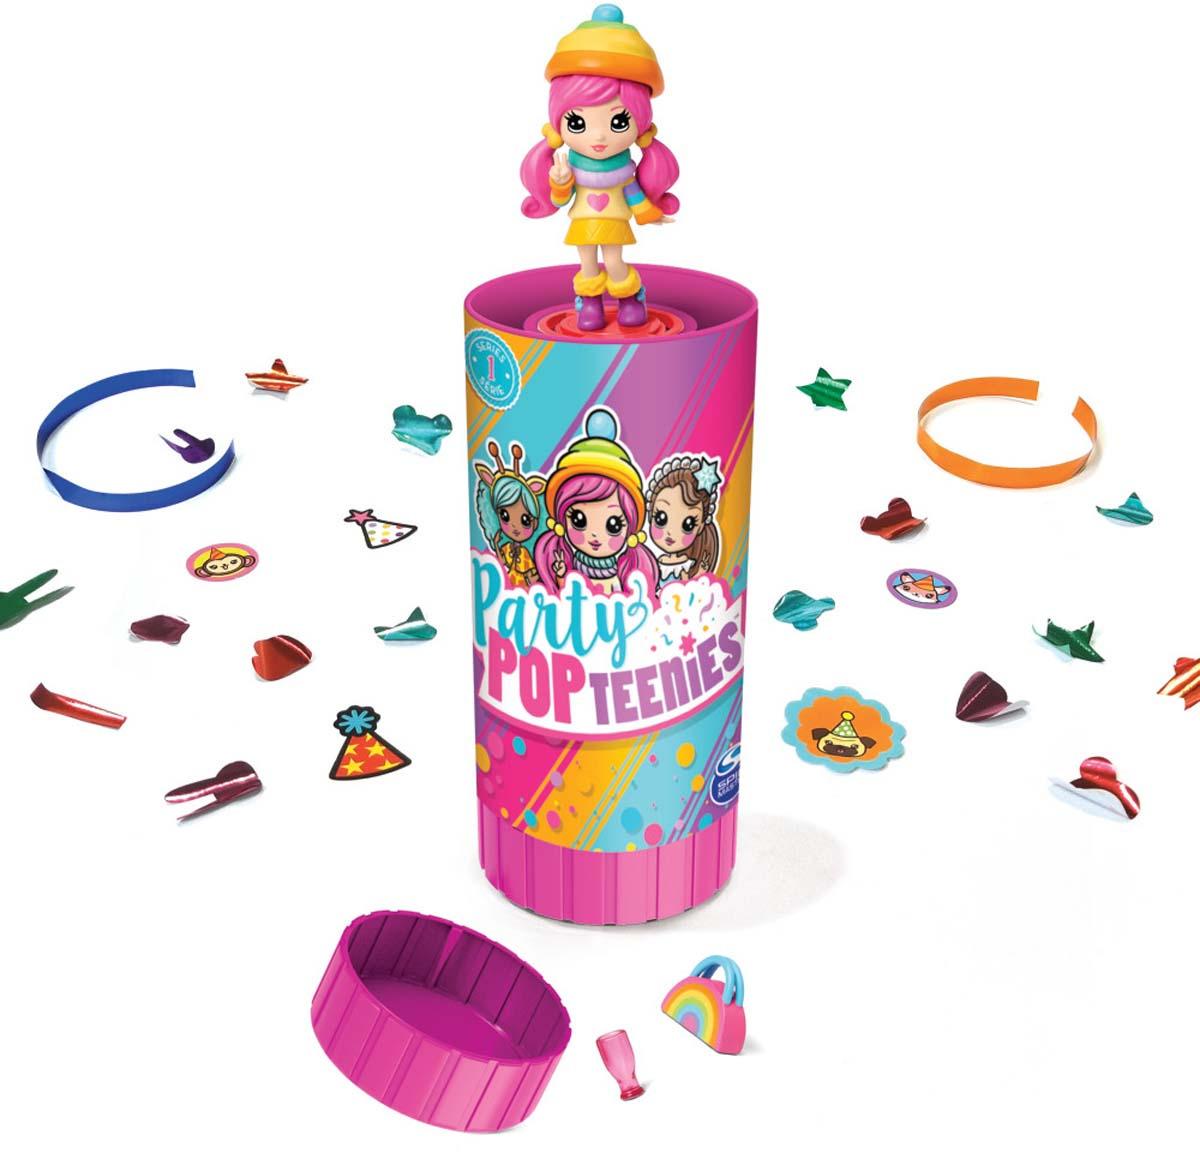 Игровой набор с куклой Party Popteenies Хлопушка с сюрпризом игровой набор с куклой party popteenies хлопушка с сюрпризом